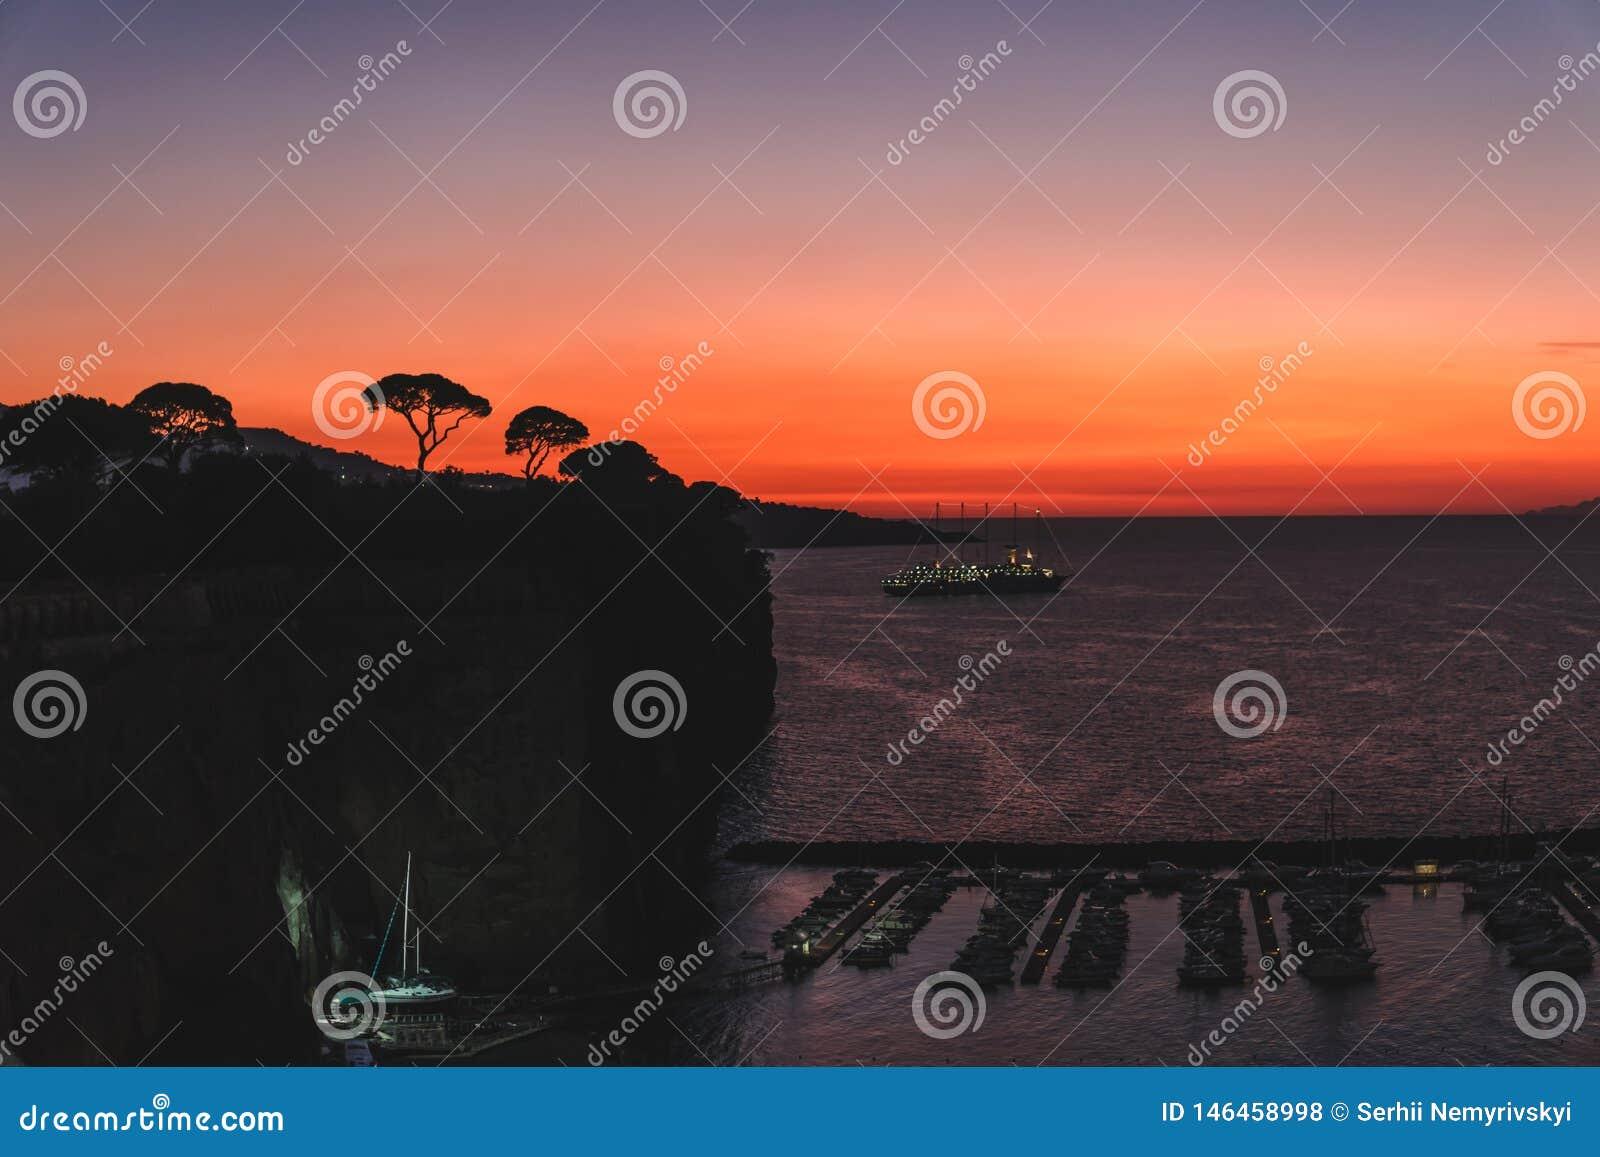 Δραματικό ηλιοβασίλεμα πέρα από τα βουνά και τη θάλασσα του κόλπου Ιταλία Σορέντο